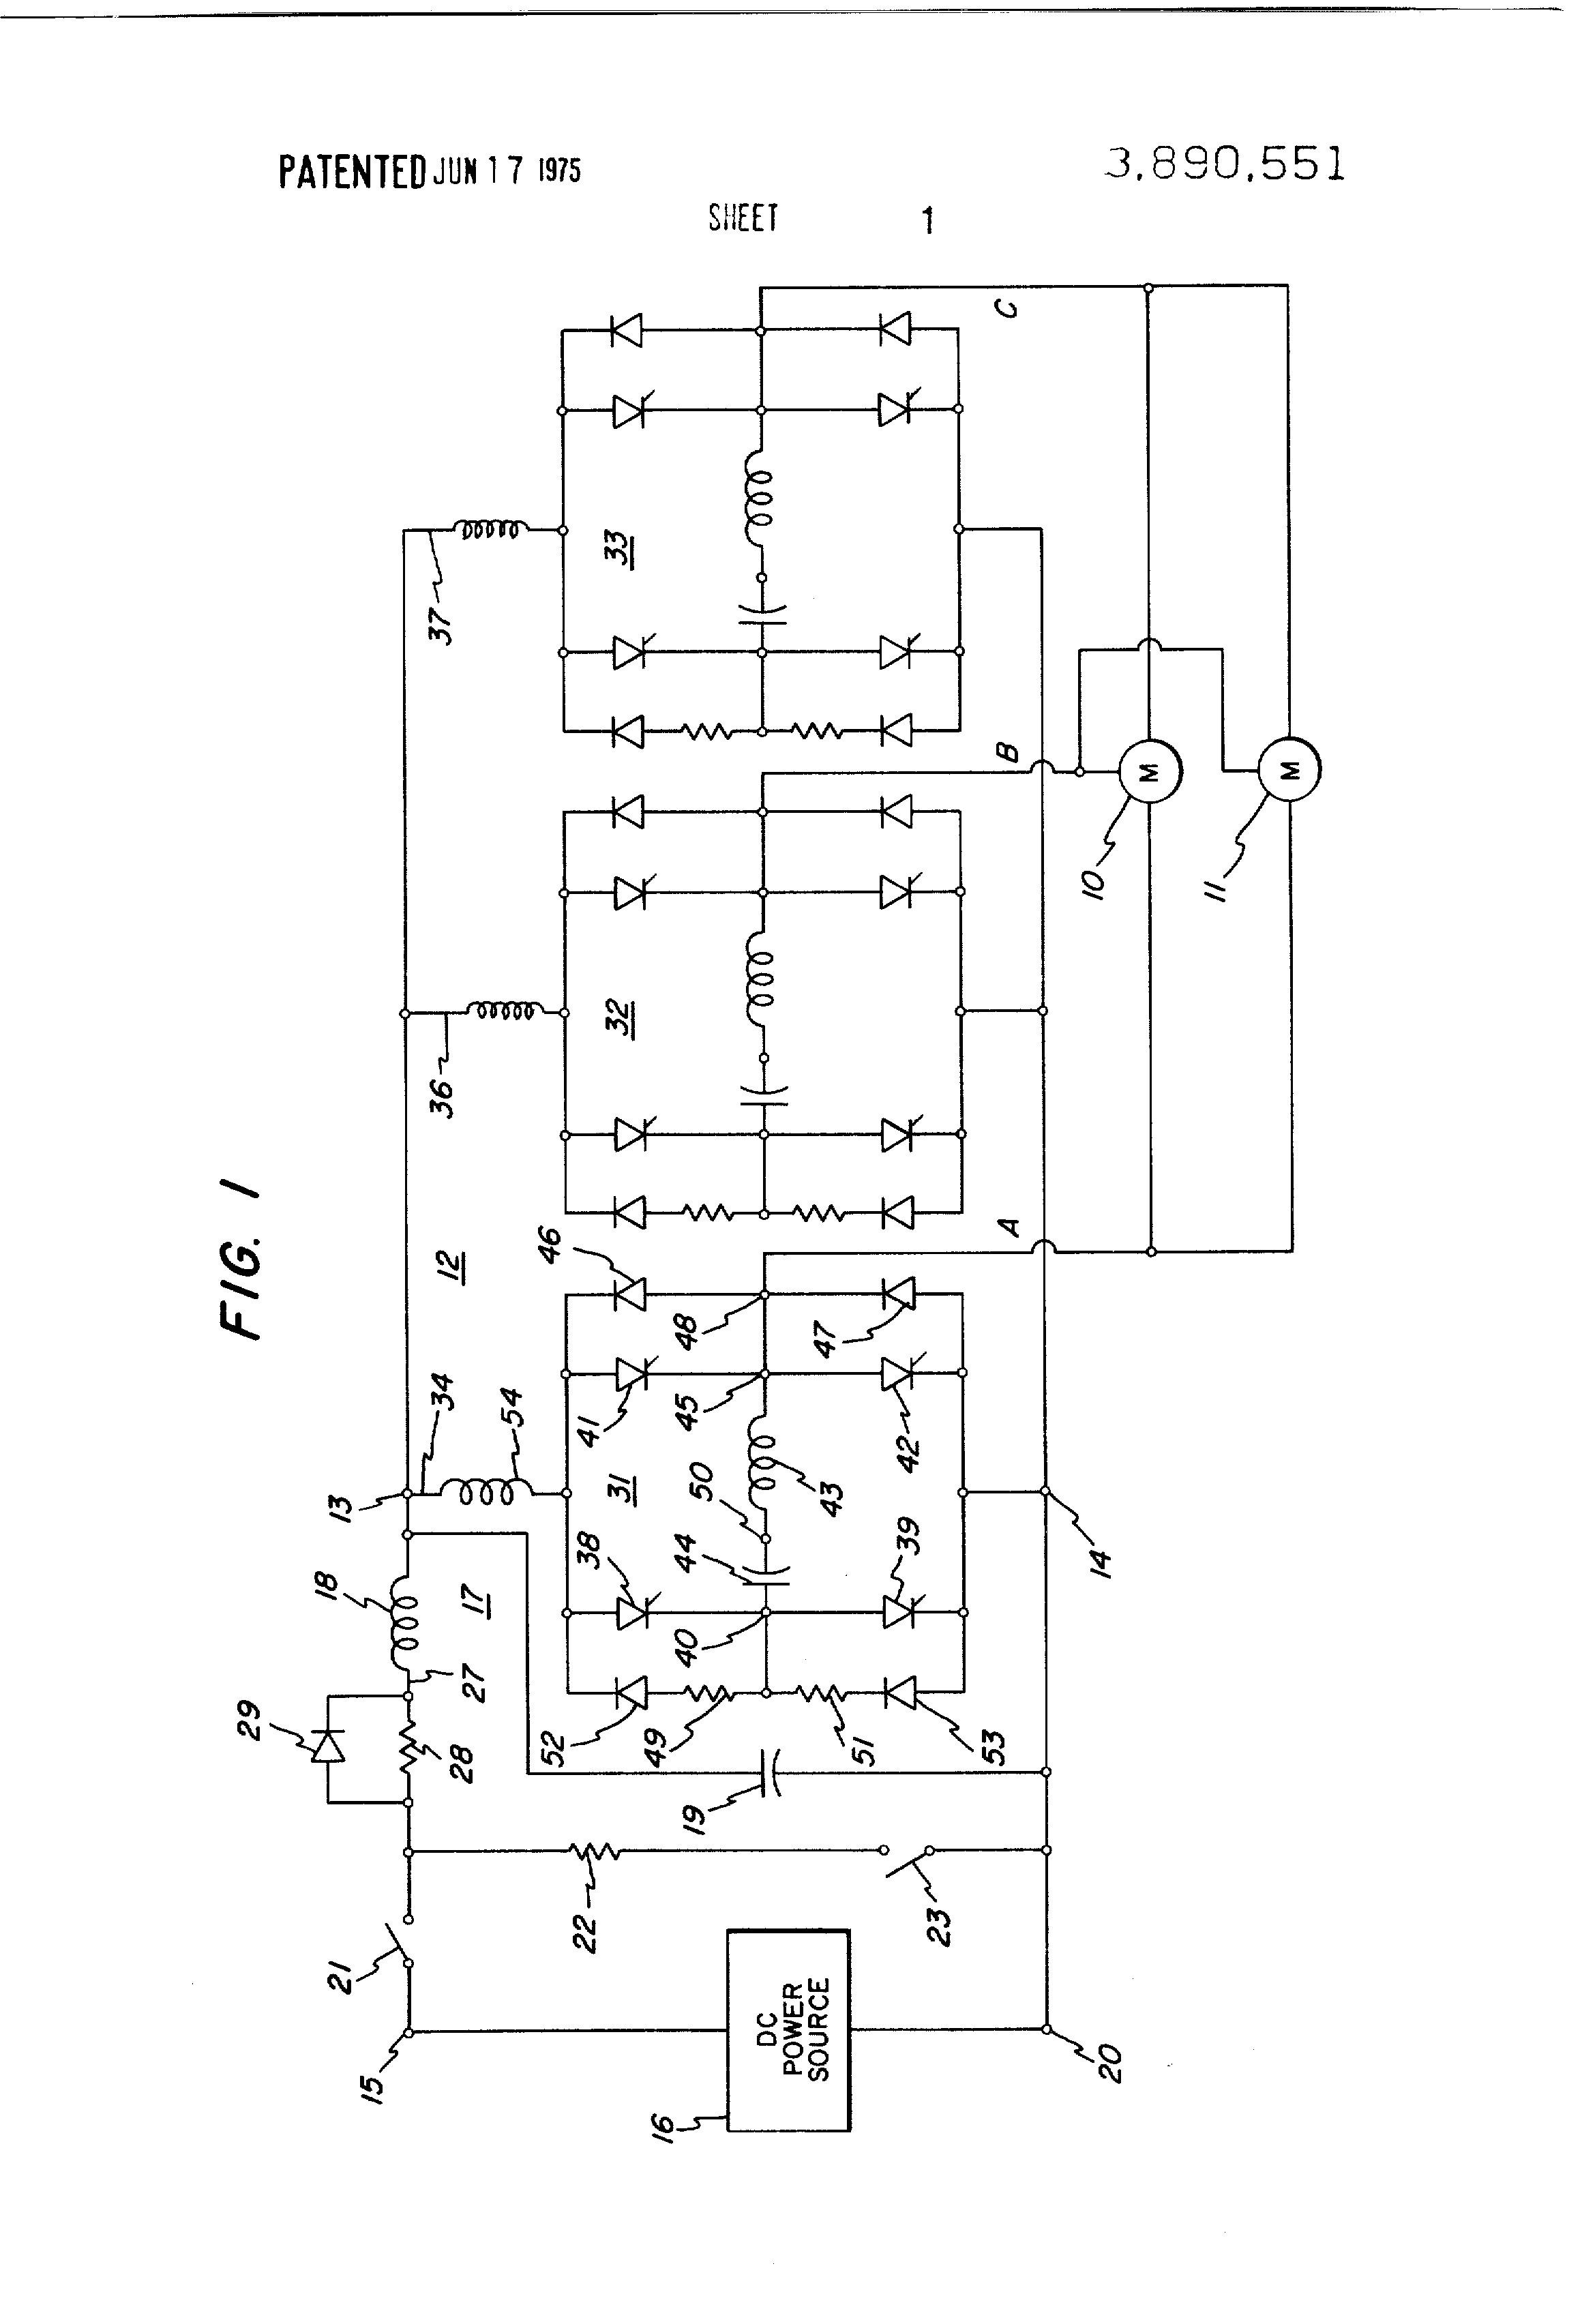 Regenerative Braking Circuit Diagram Regenerative Braking Luxury Circuit Diagram Regenerative Braking Of Regenerative Braking Circuit Diagram